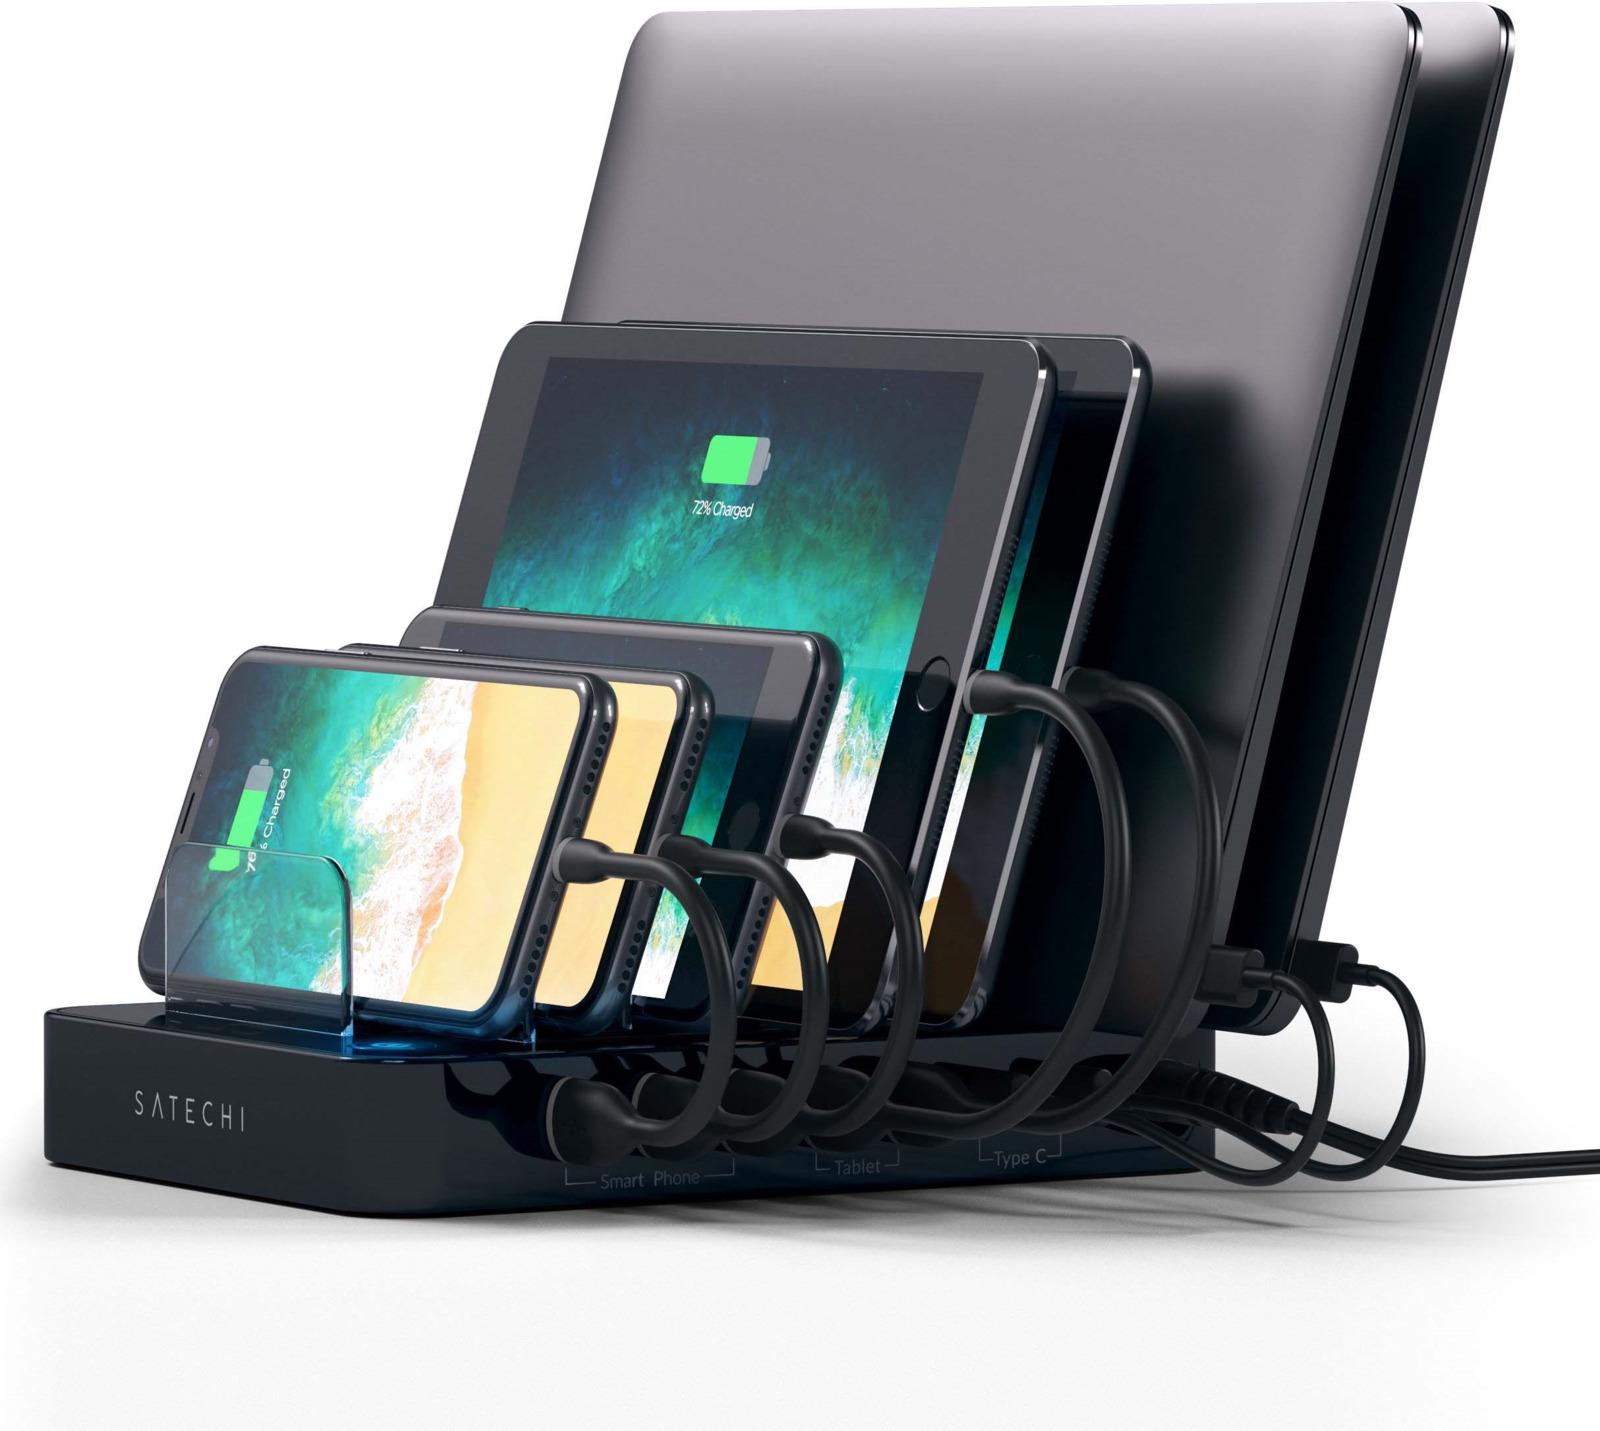 Зарядная док-станция Satechi 7-Port USB Charging Station Dock, ST-MCSTC7B, черный ikki mini charging dock w data charging cable for lg nexus 5